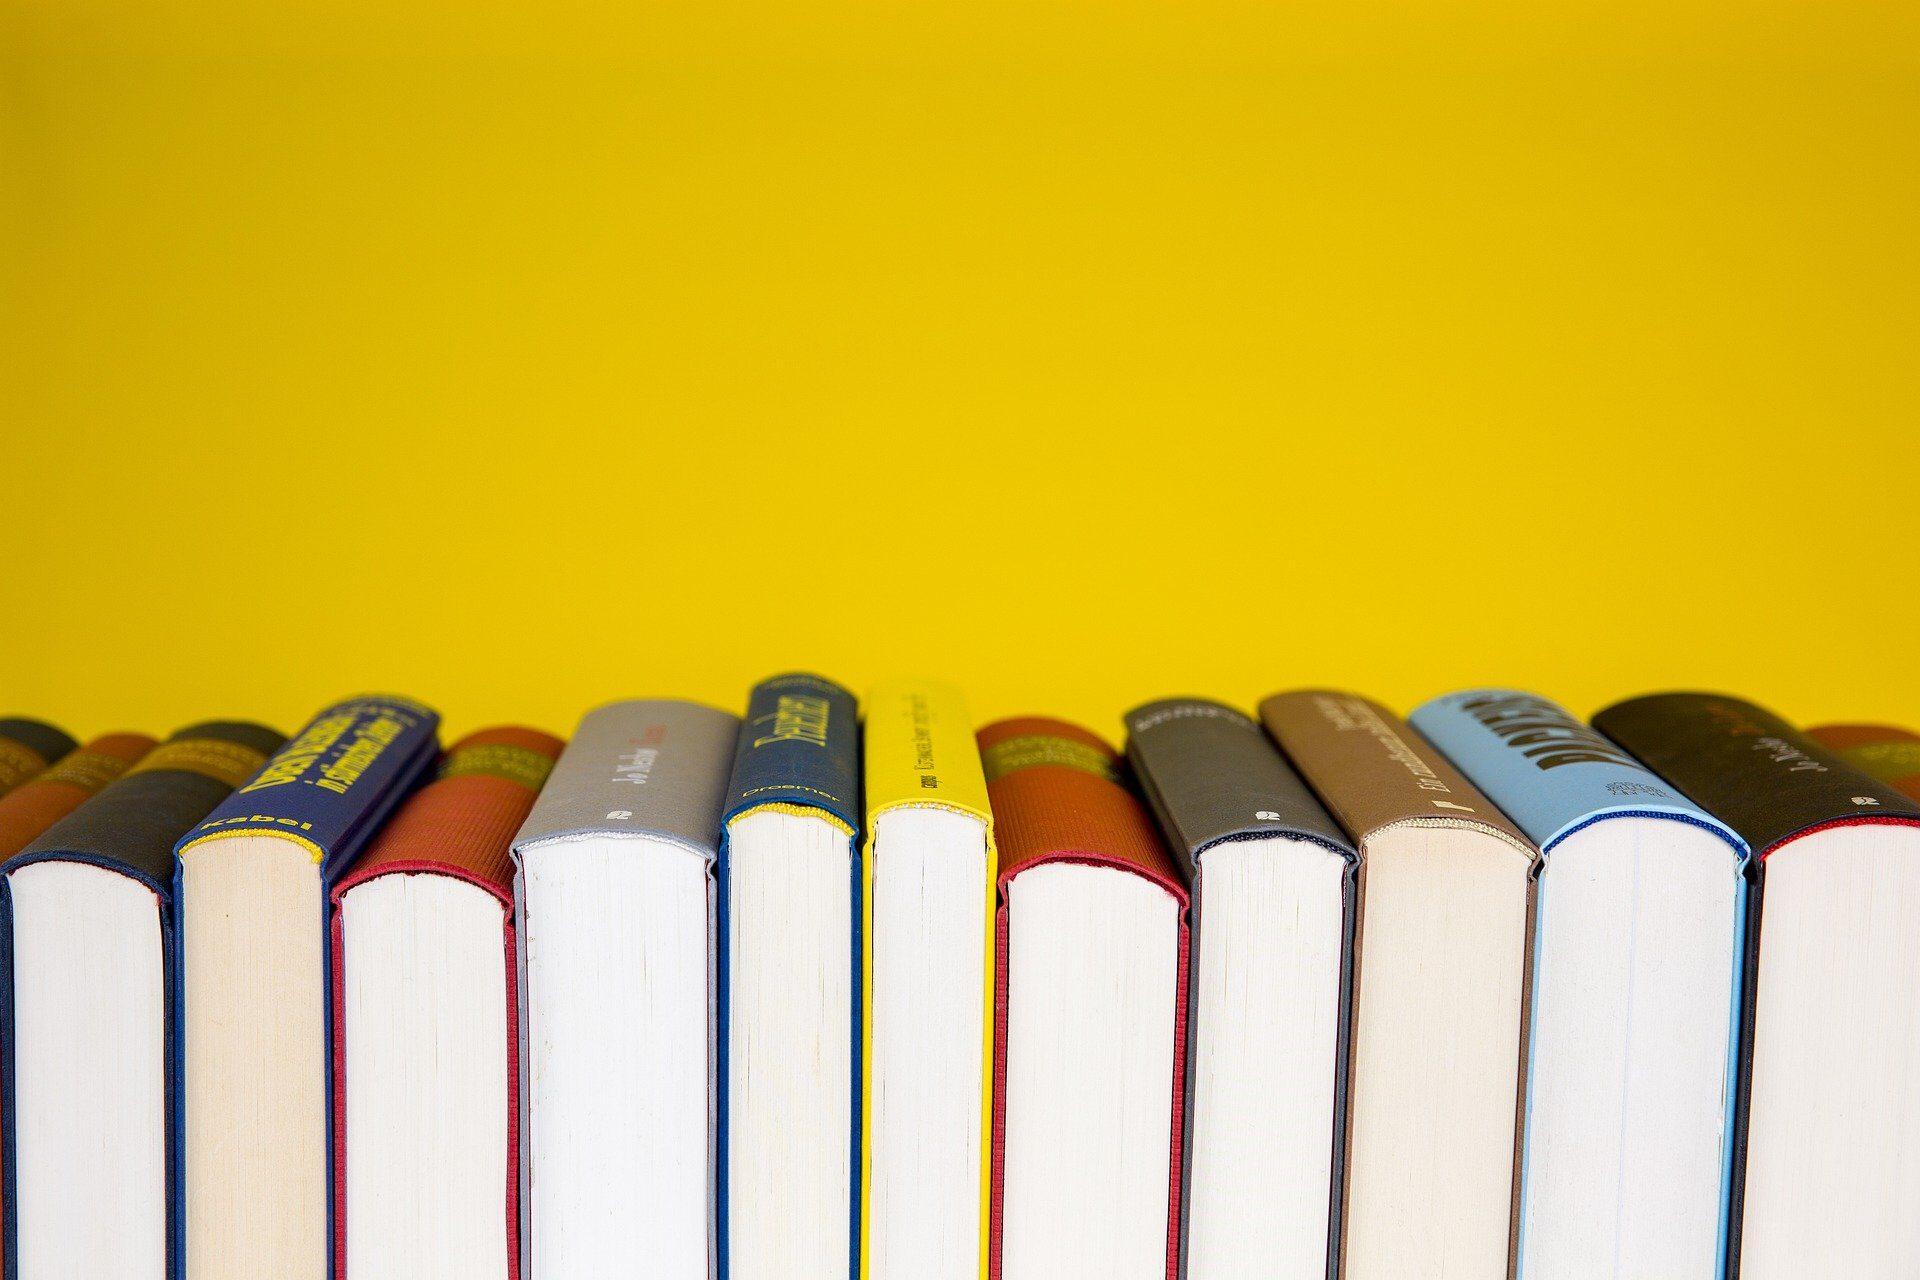 books-5937716_1920.jpg